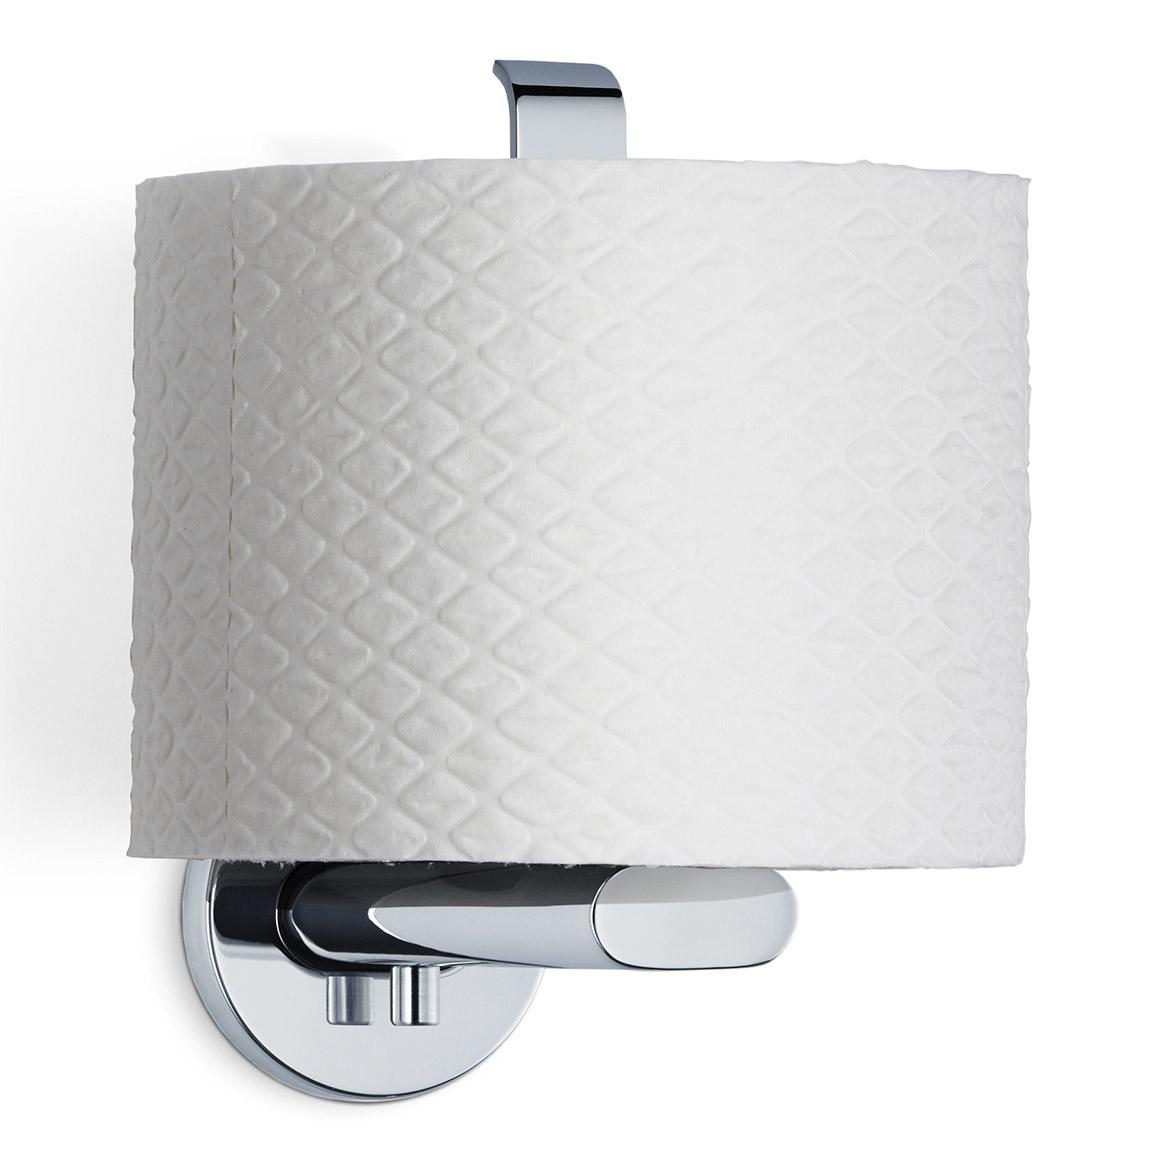 Držiak toaletného papiera leštená nehrdzavejúca oceľ AREO zvislý